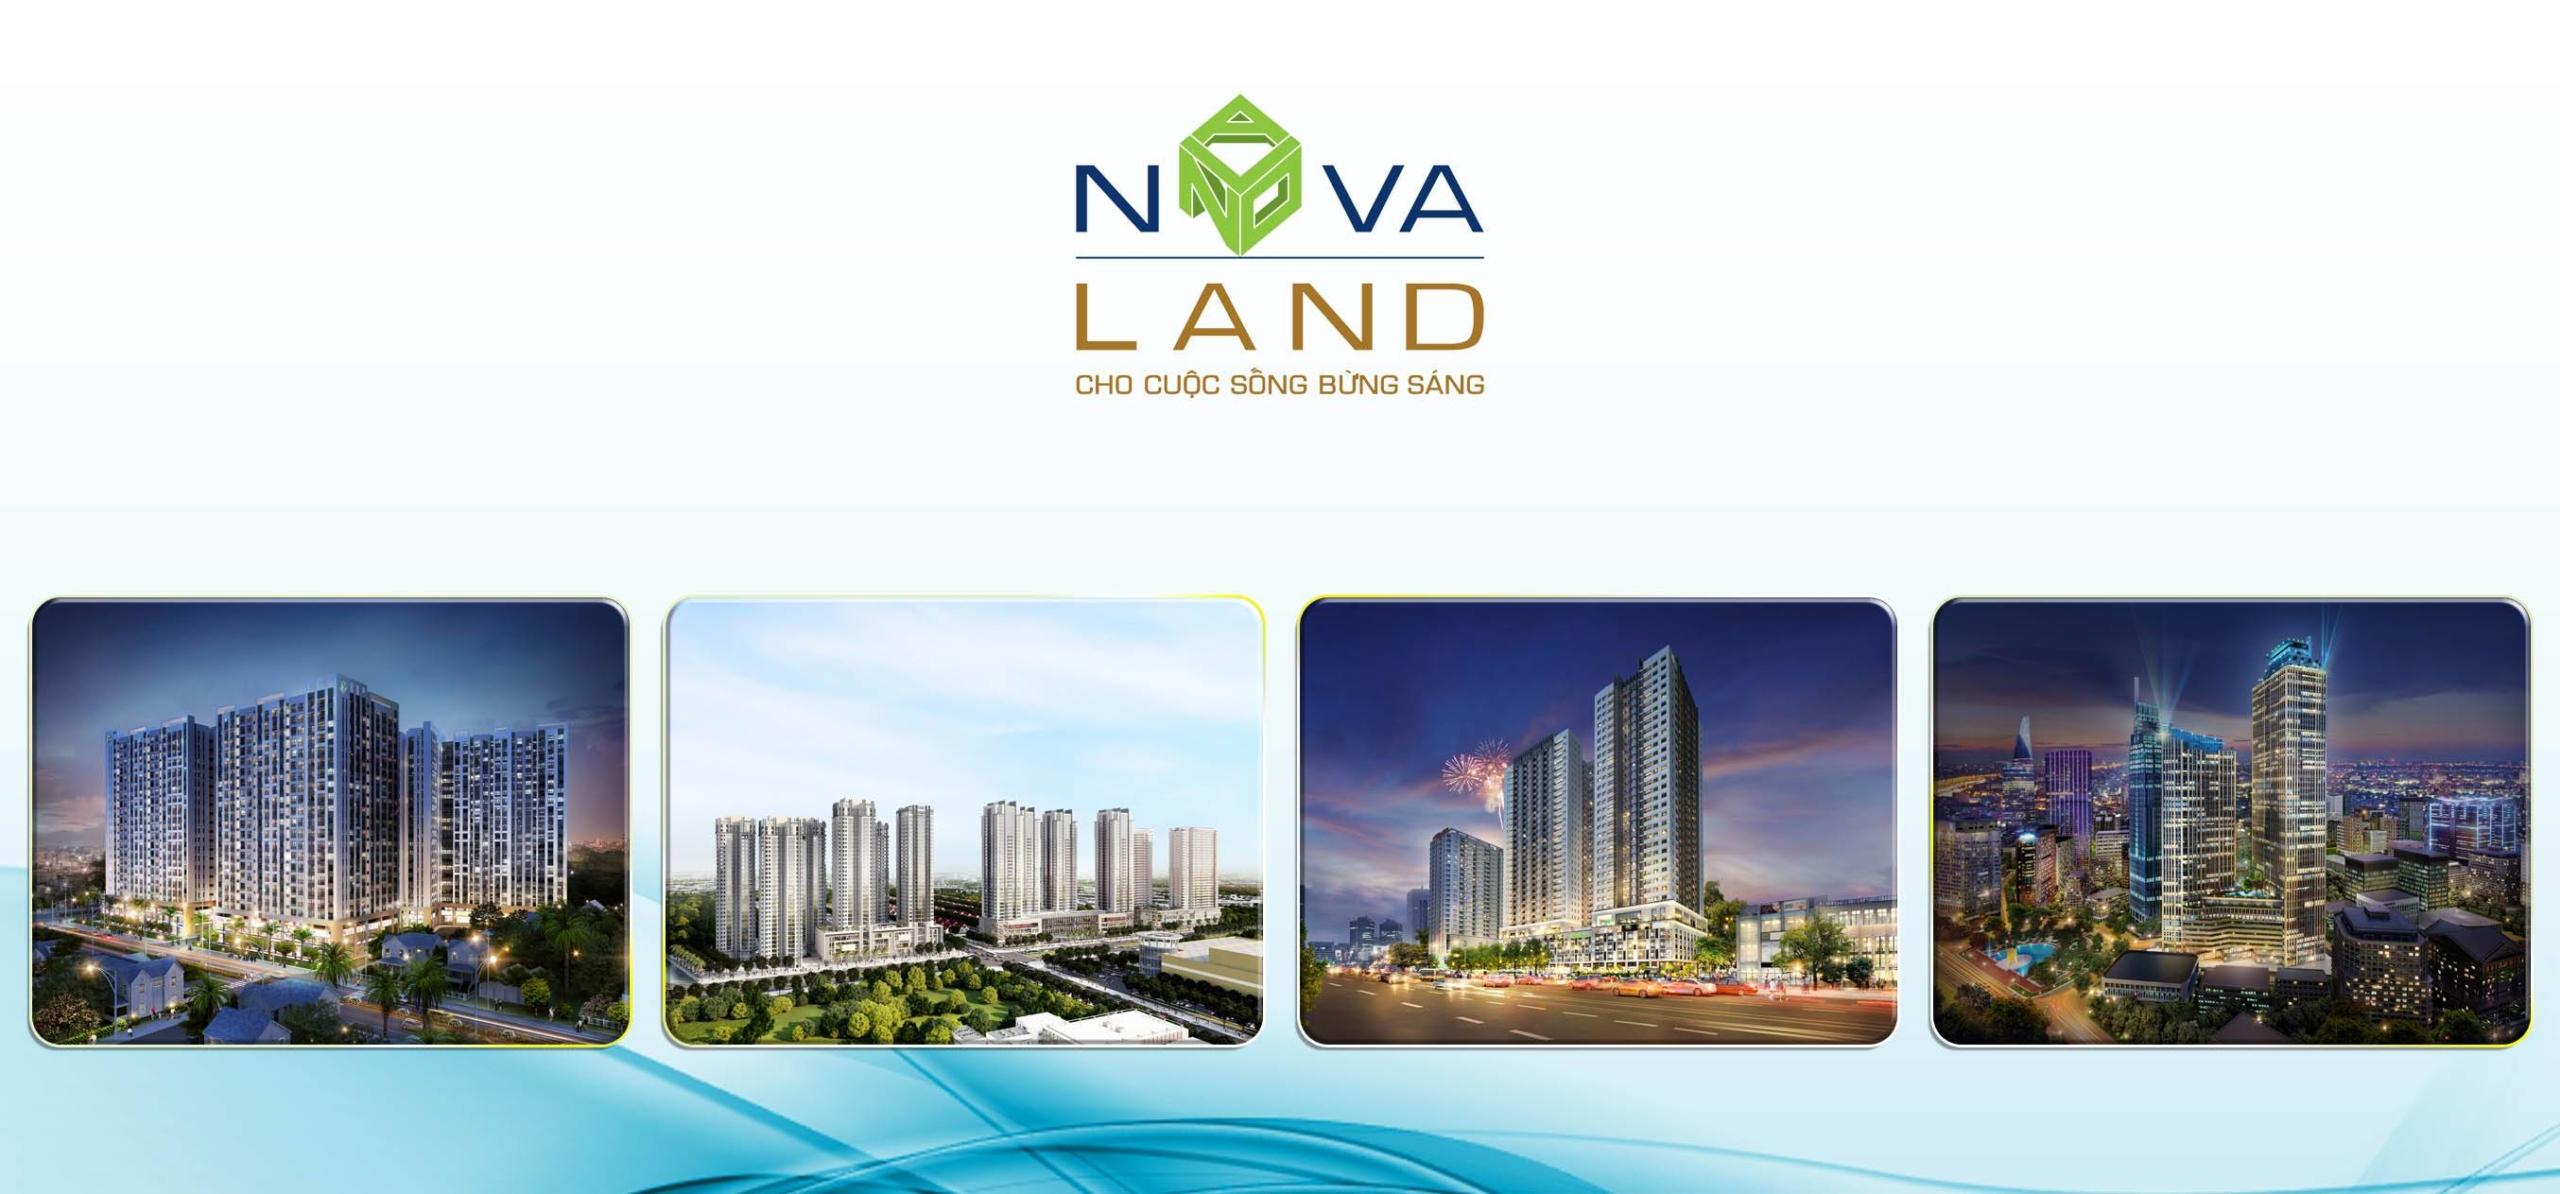 Chủ đầu tư dự án căn hộ chung cư The Tresor Quận 4 Đường Bến Vân Đồn chủ đầu tư Novaland